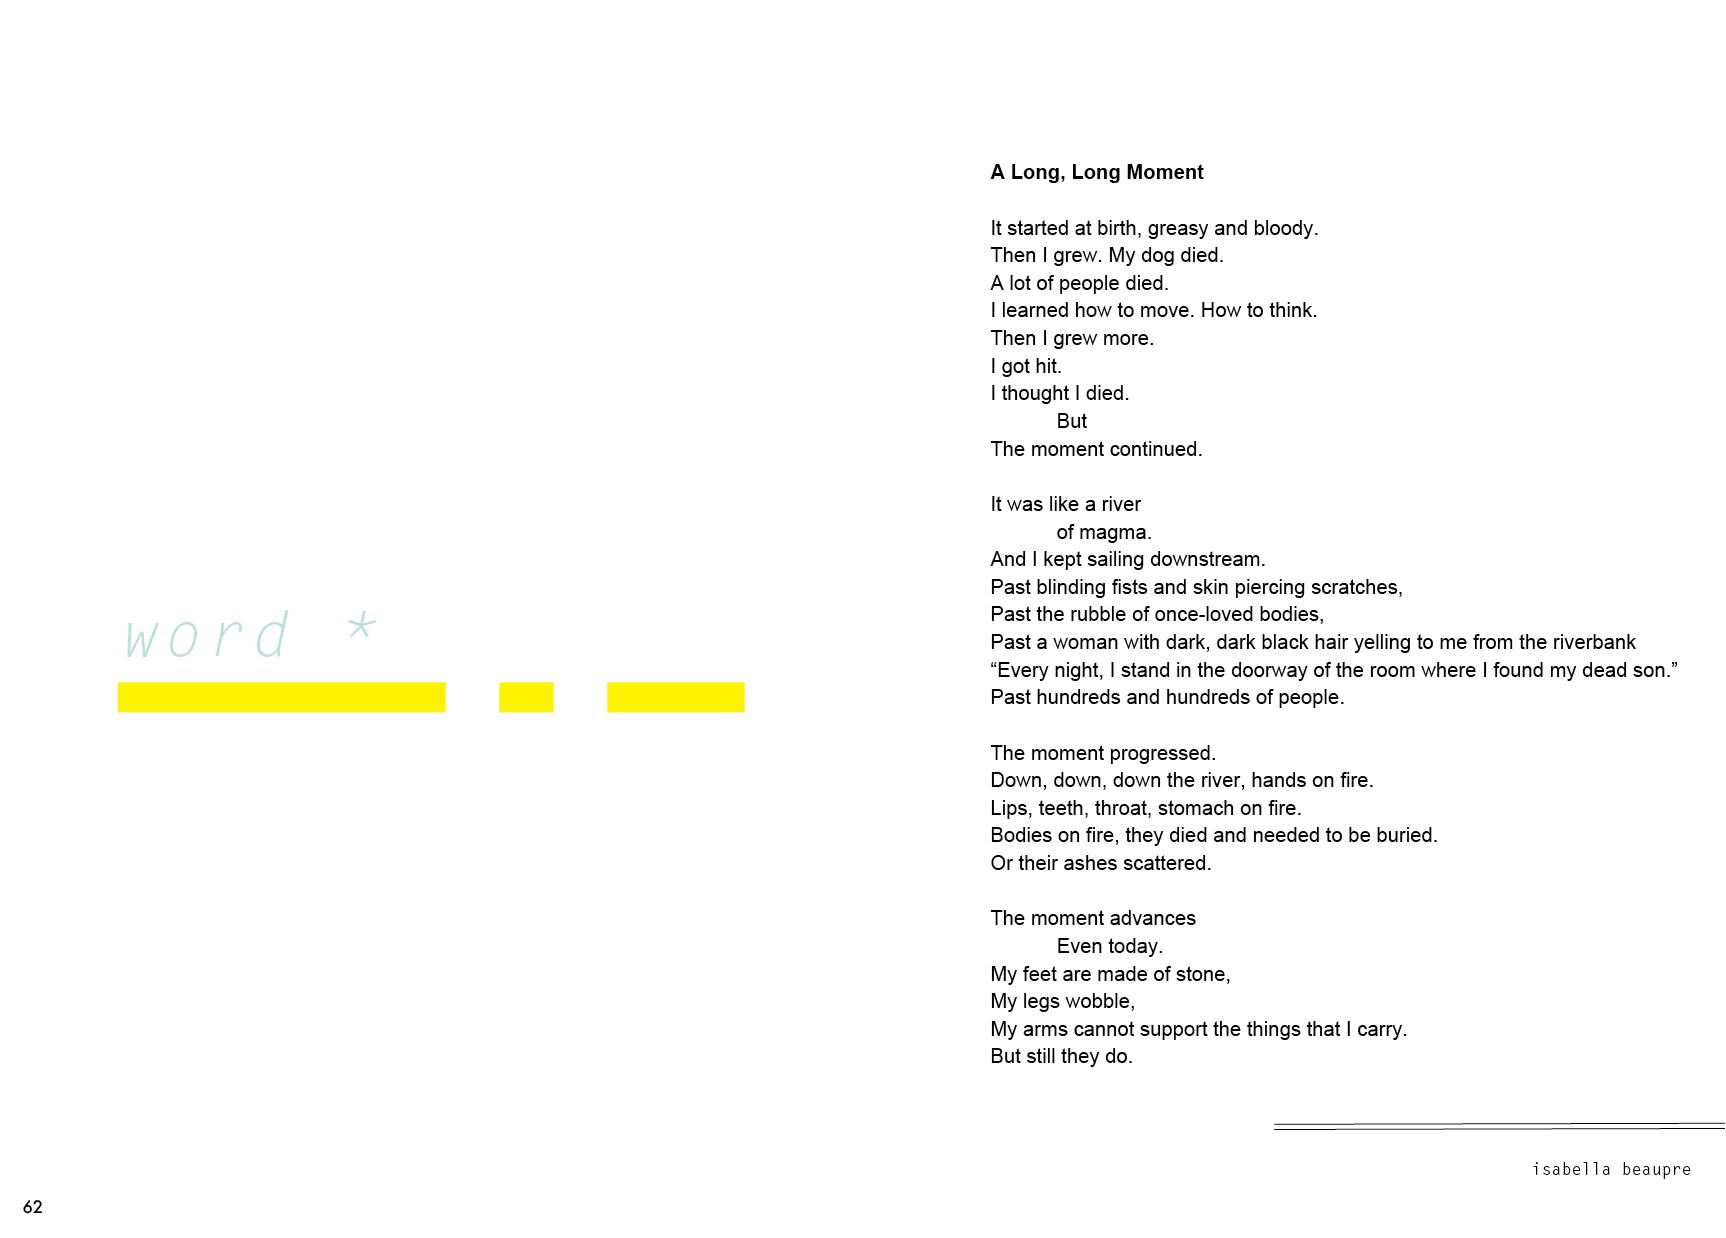 duomo-5-website35.png